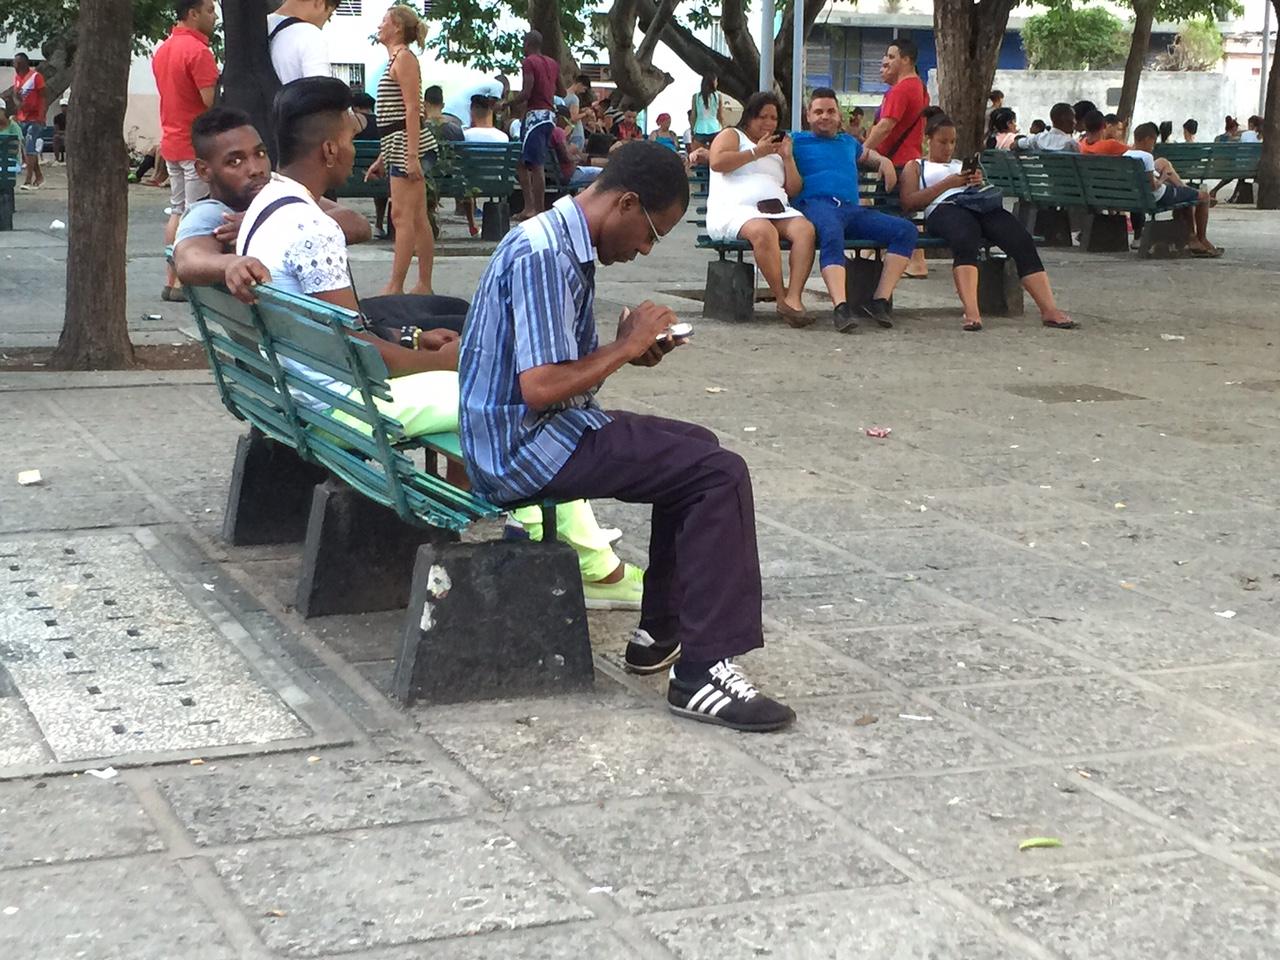 Zona wifi del Parque Fe del Valle, en La Habana. (14ymedio)